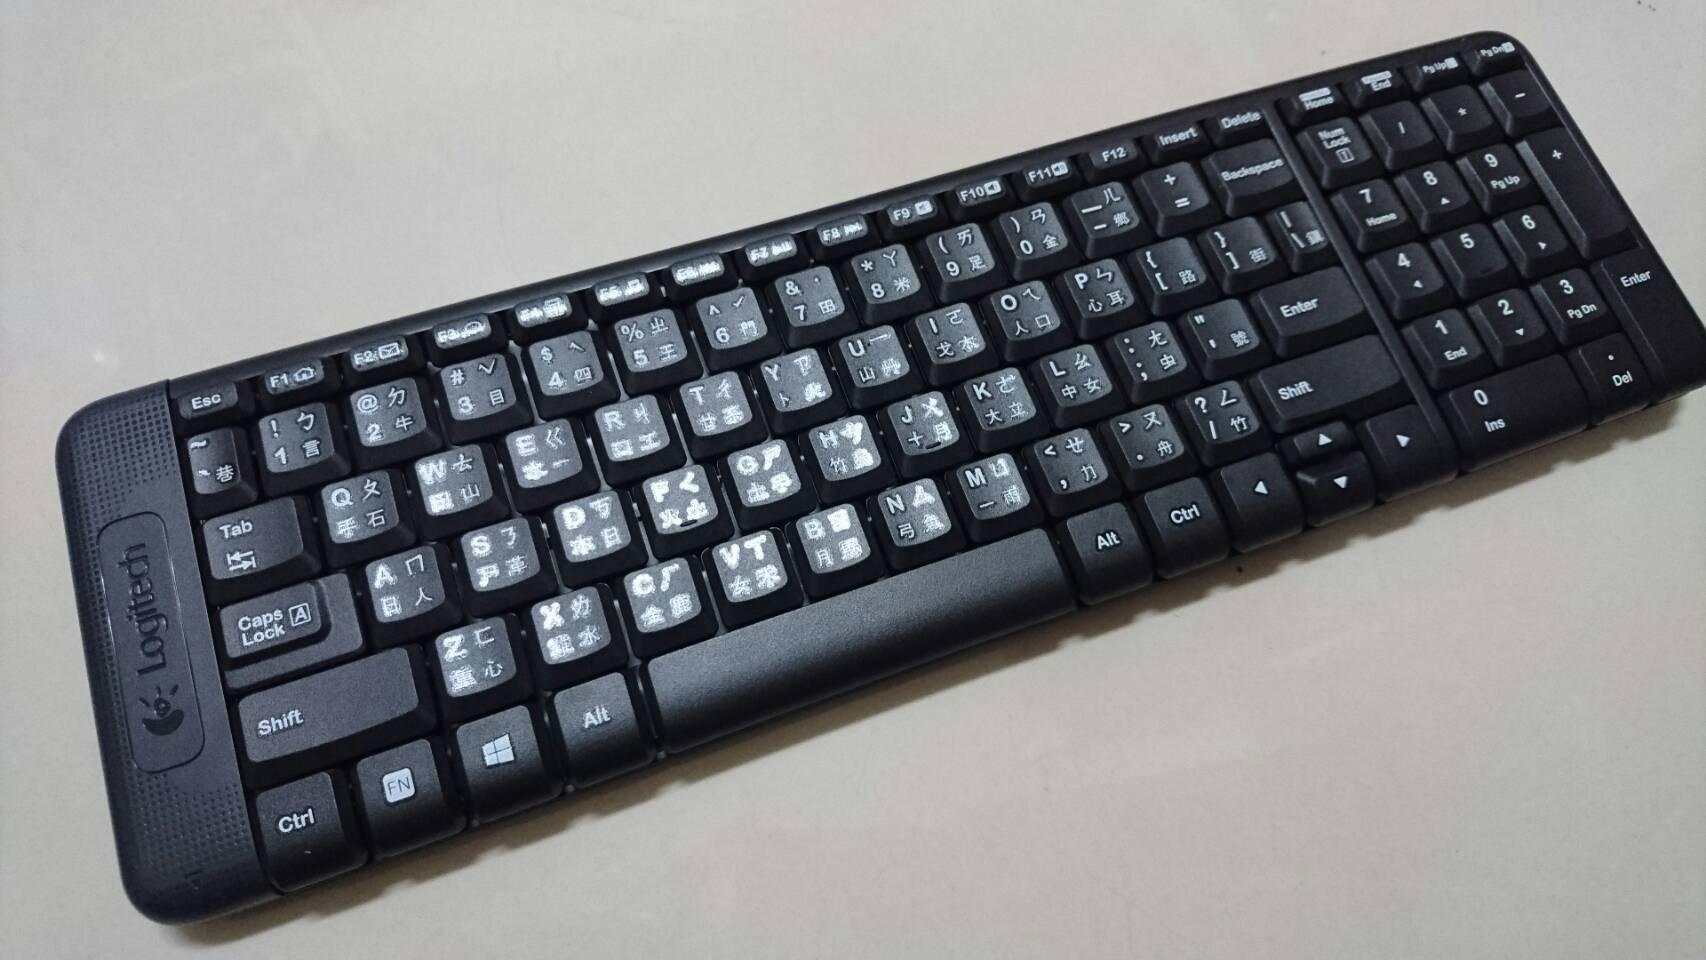 團購價 第一品牌 有注音 mk220 羅技無線鍵盤滑鼠組 電競滑鼠電競鍵盤 桌上型電腦 筆記型電腦 LOL英雄聯盟 8